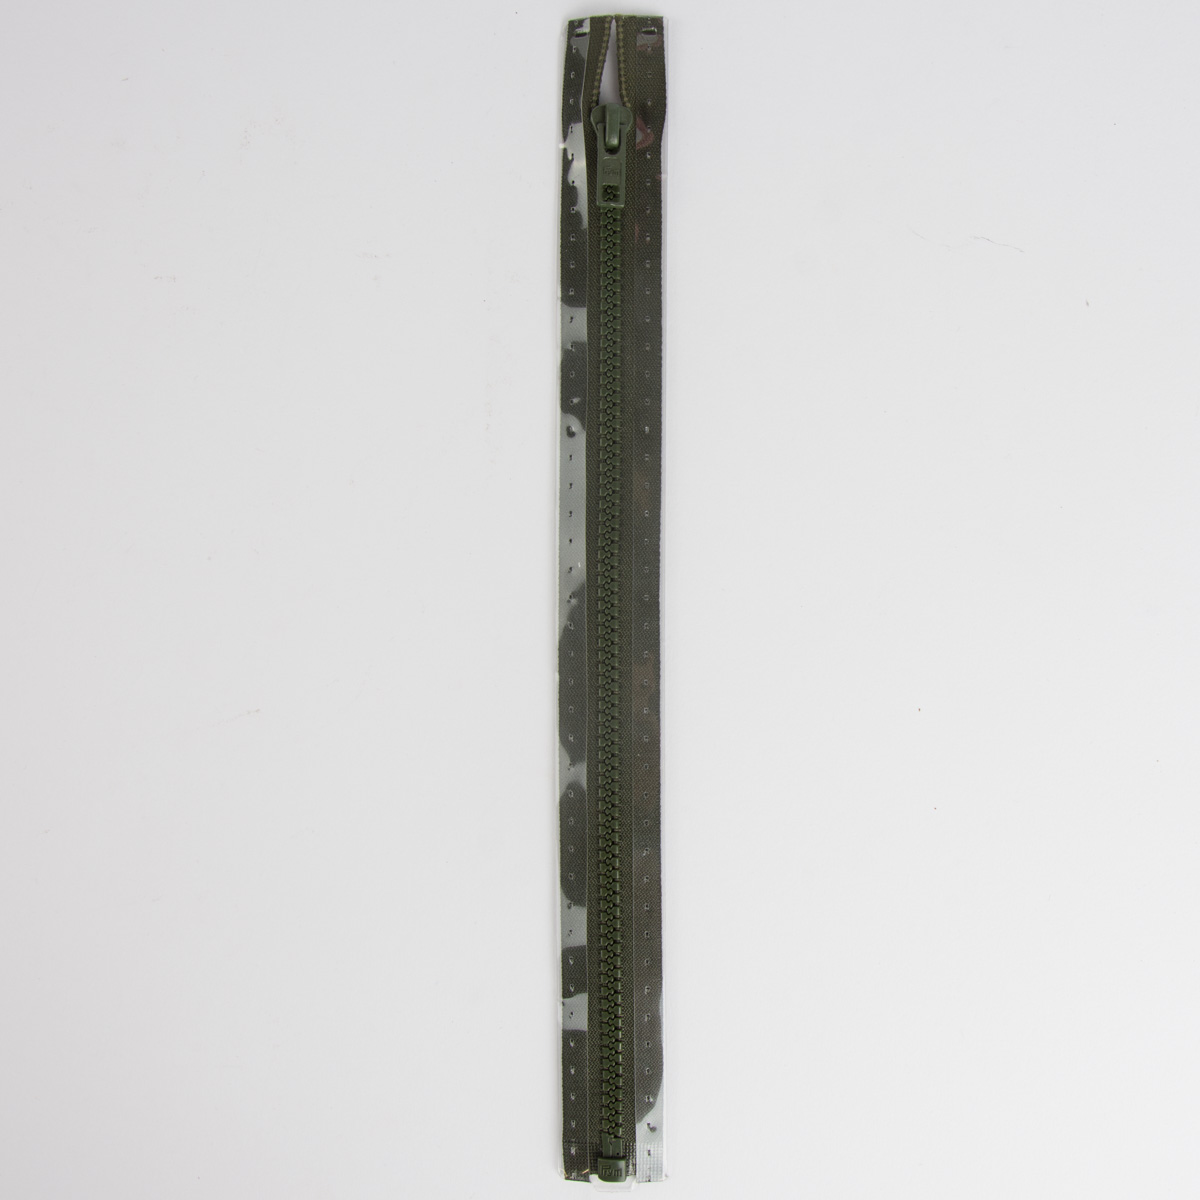 Reißverschluss S4 Profil tb 60 cm Fla br-oliv